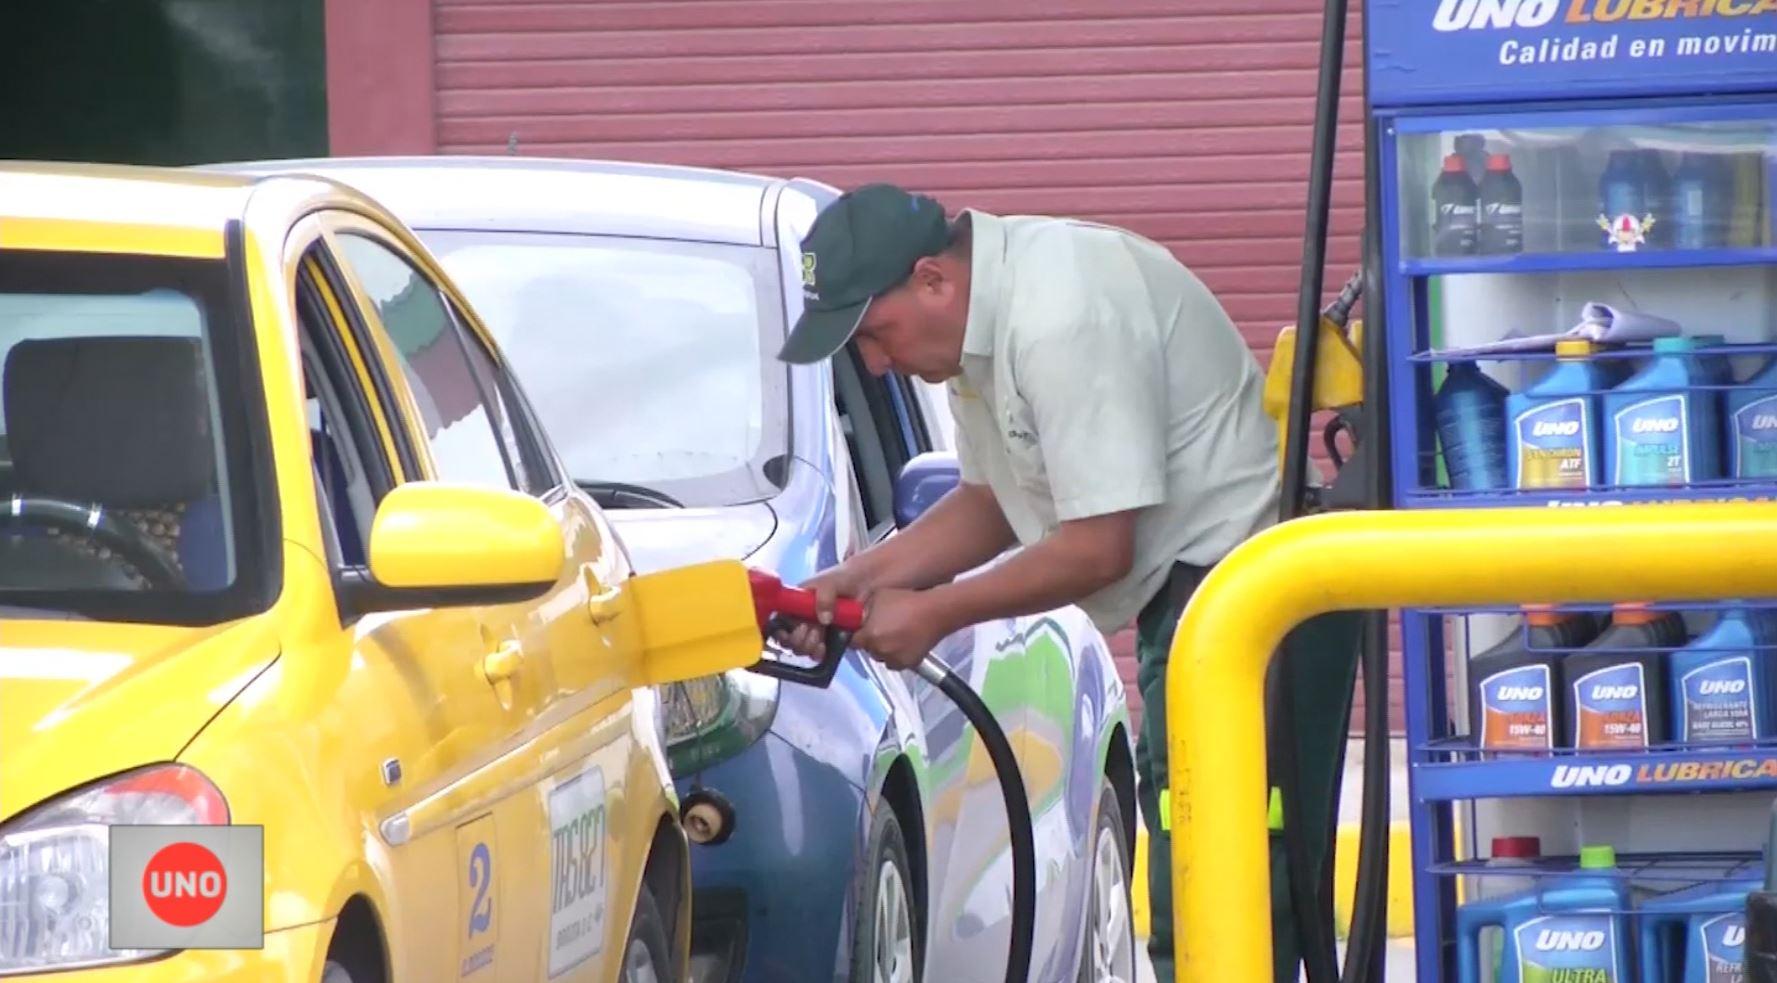 Estas estaciones de servicio fueron sancionadas por no entregar cantidad exacta de gasolina